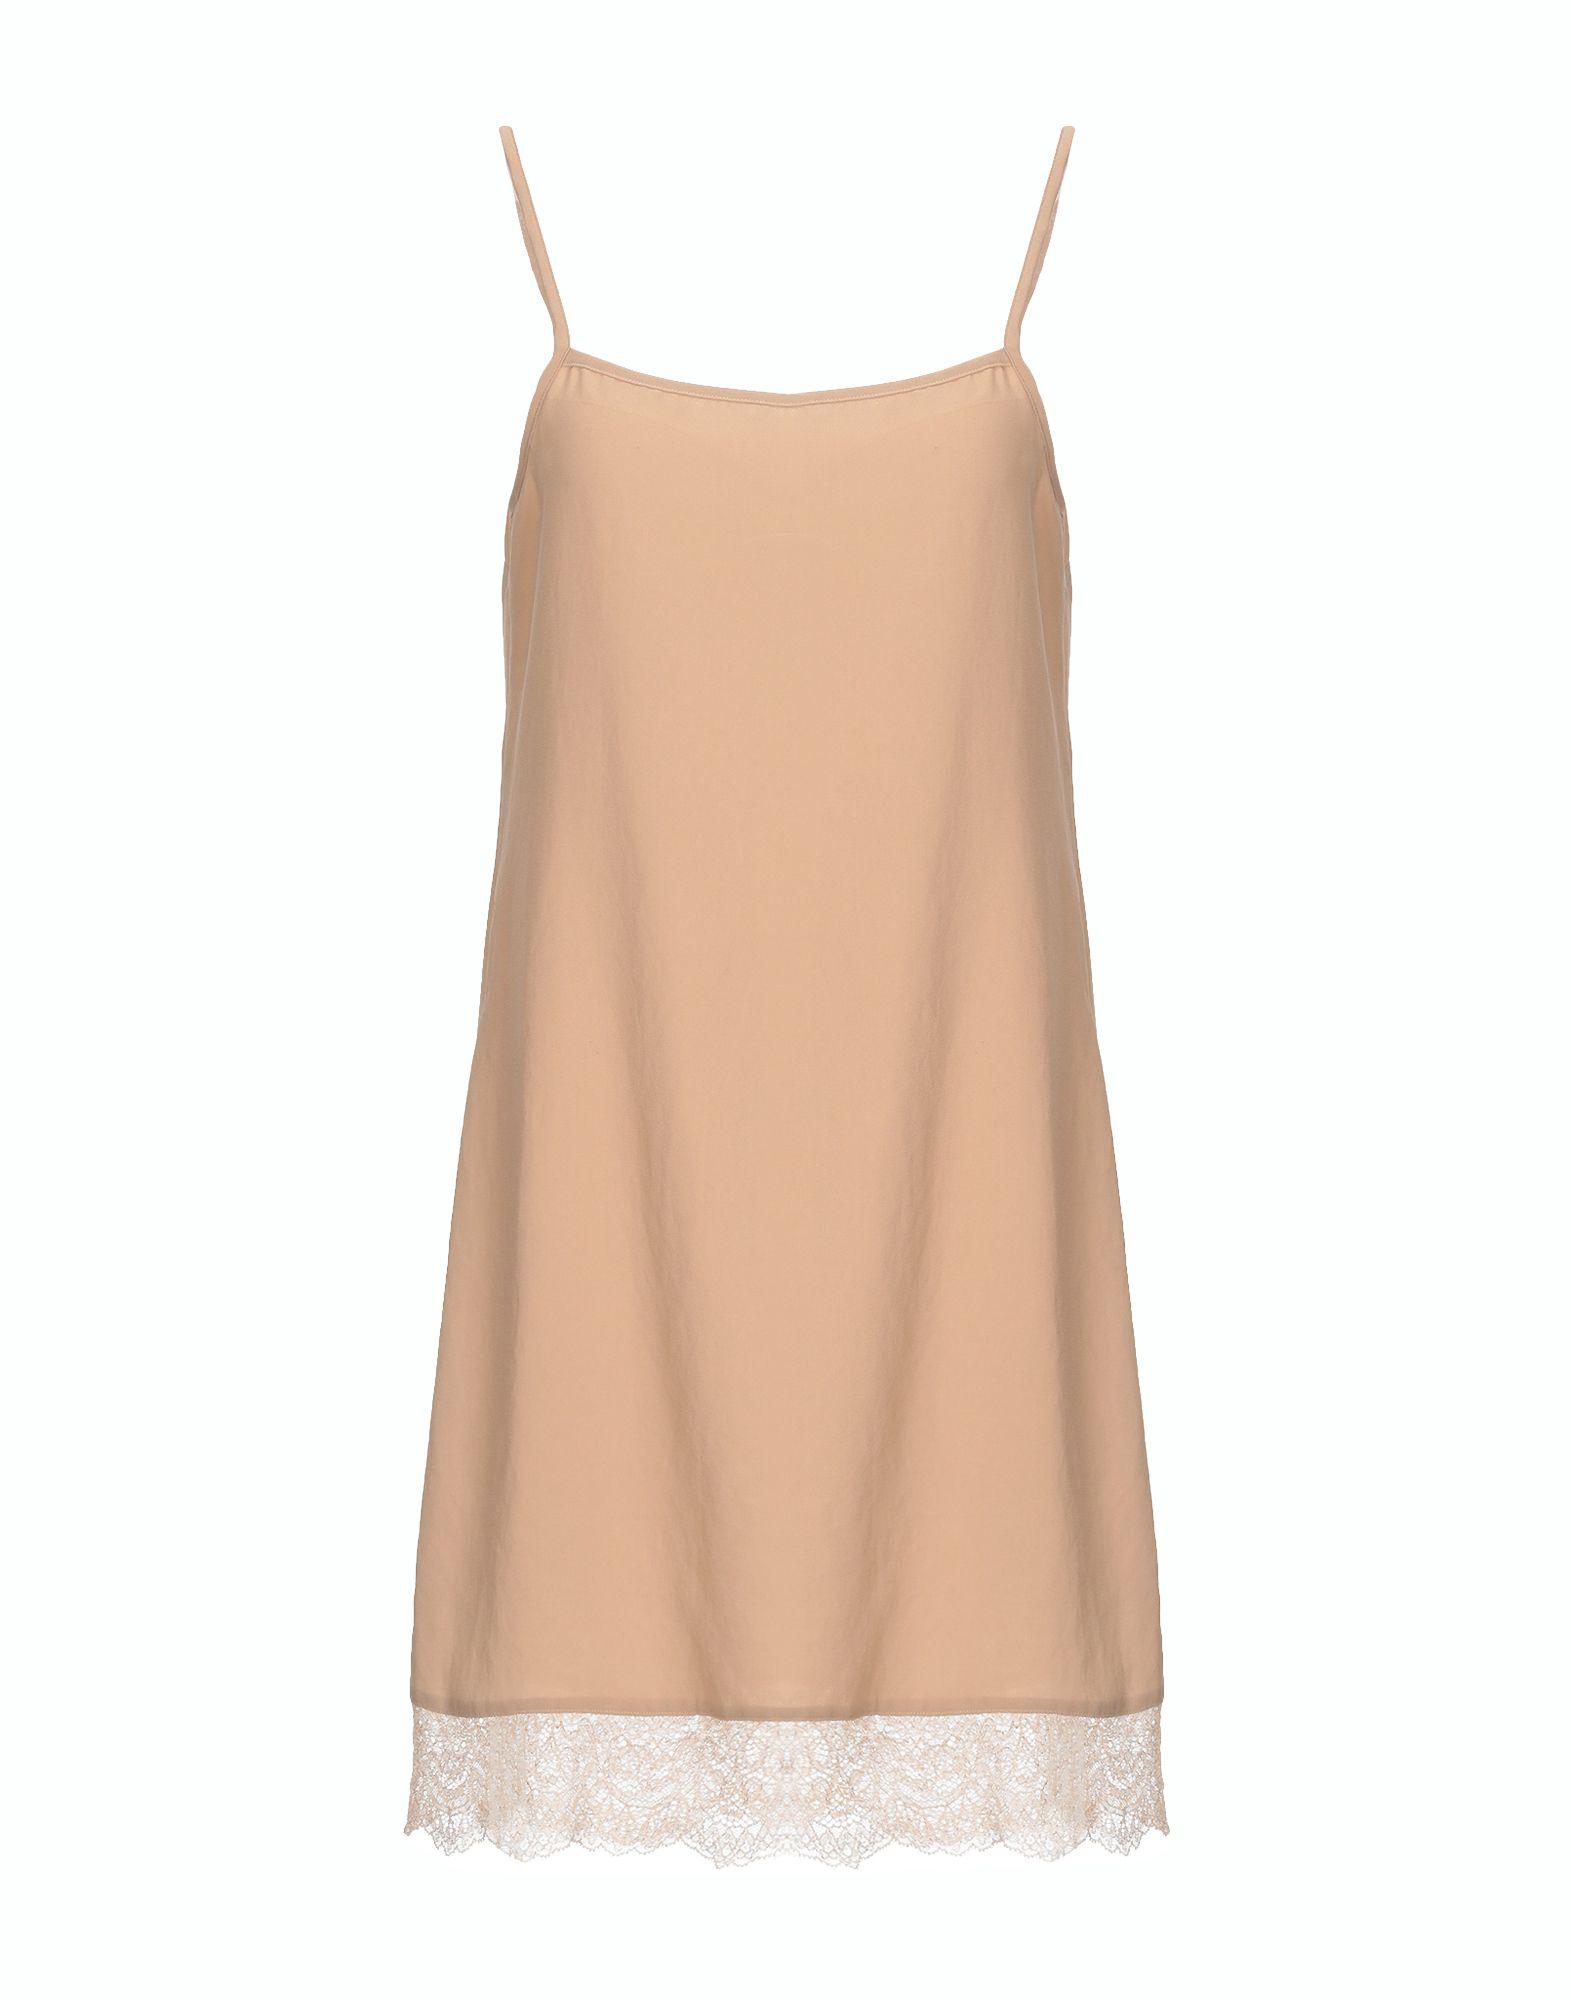 BLUGIRL FOLIES Короткое платье платье без рукавов с кружевной вставкой на спинке